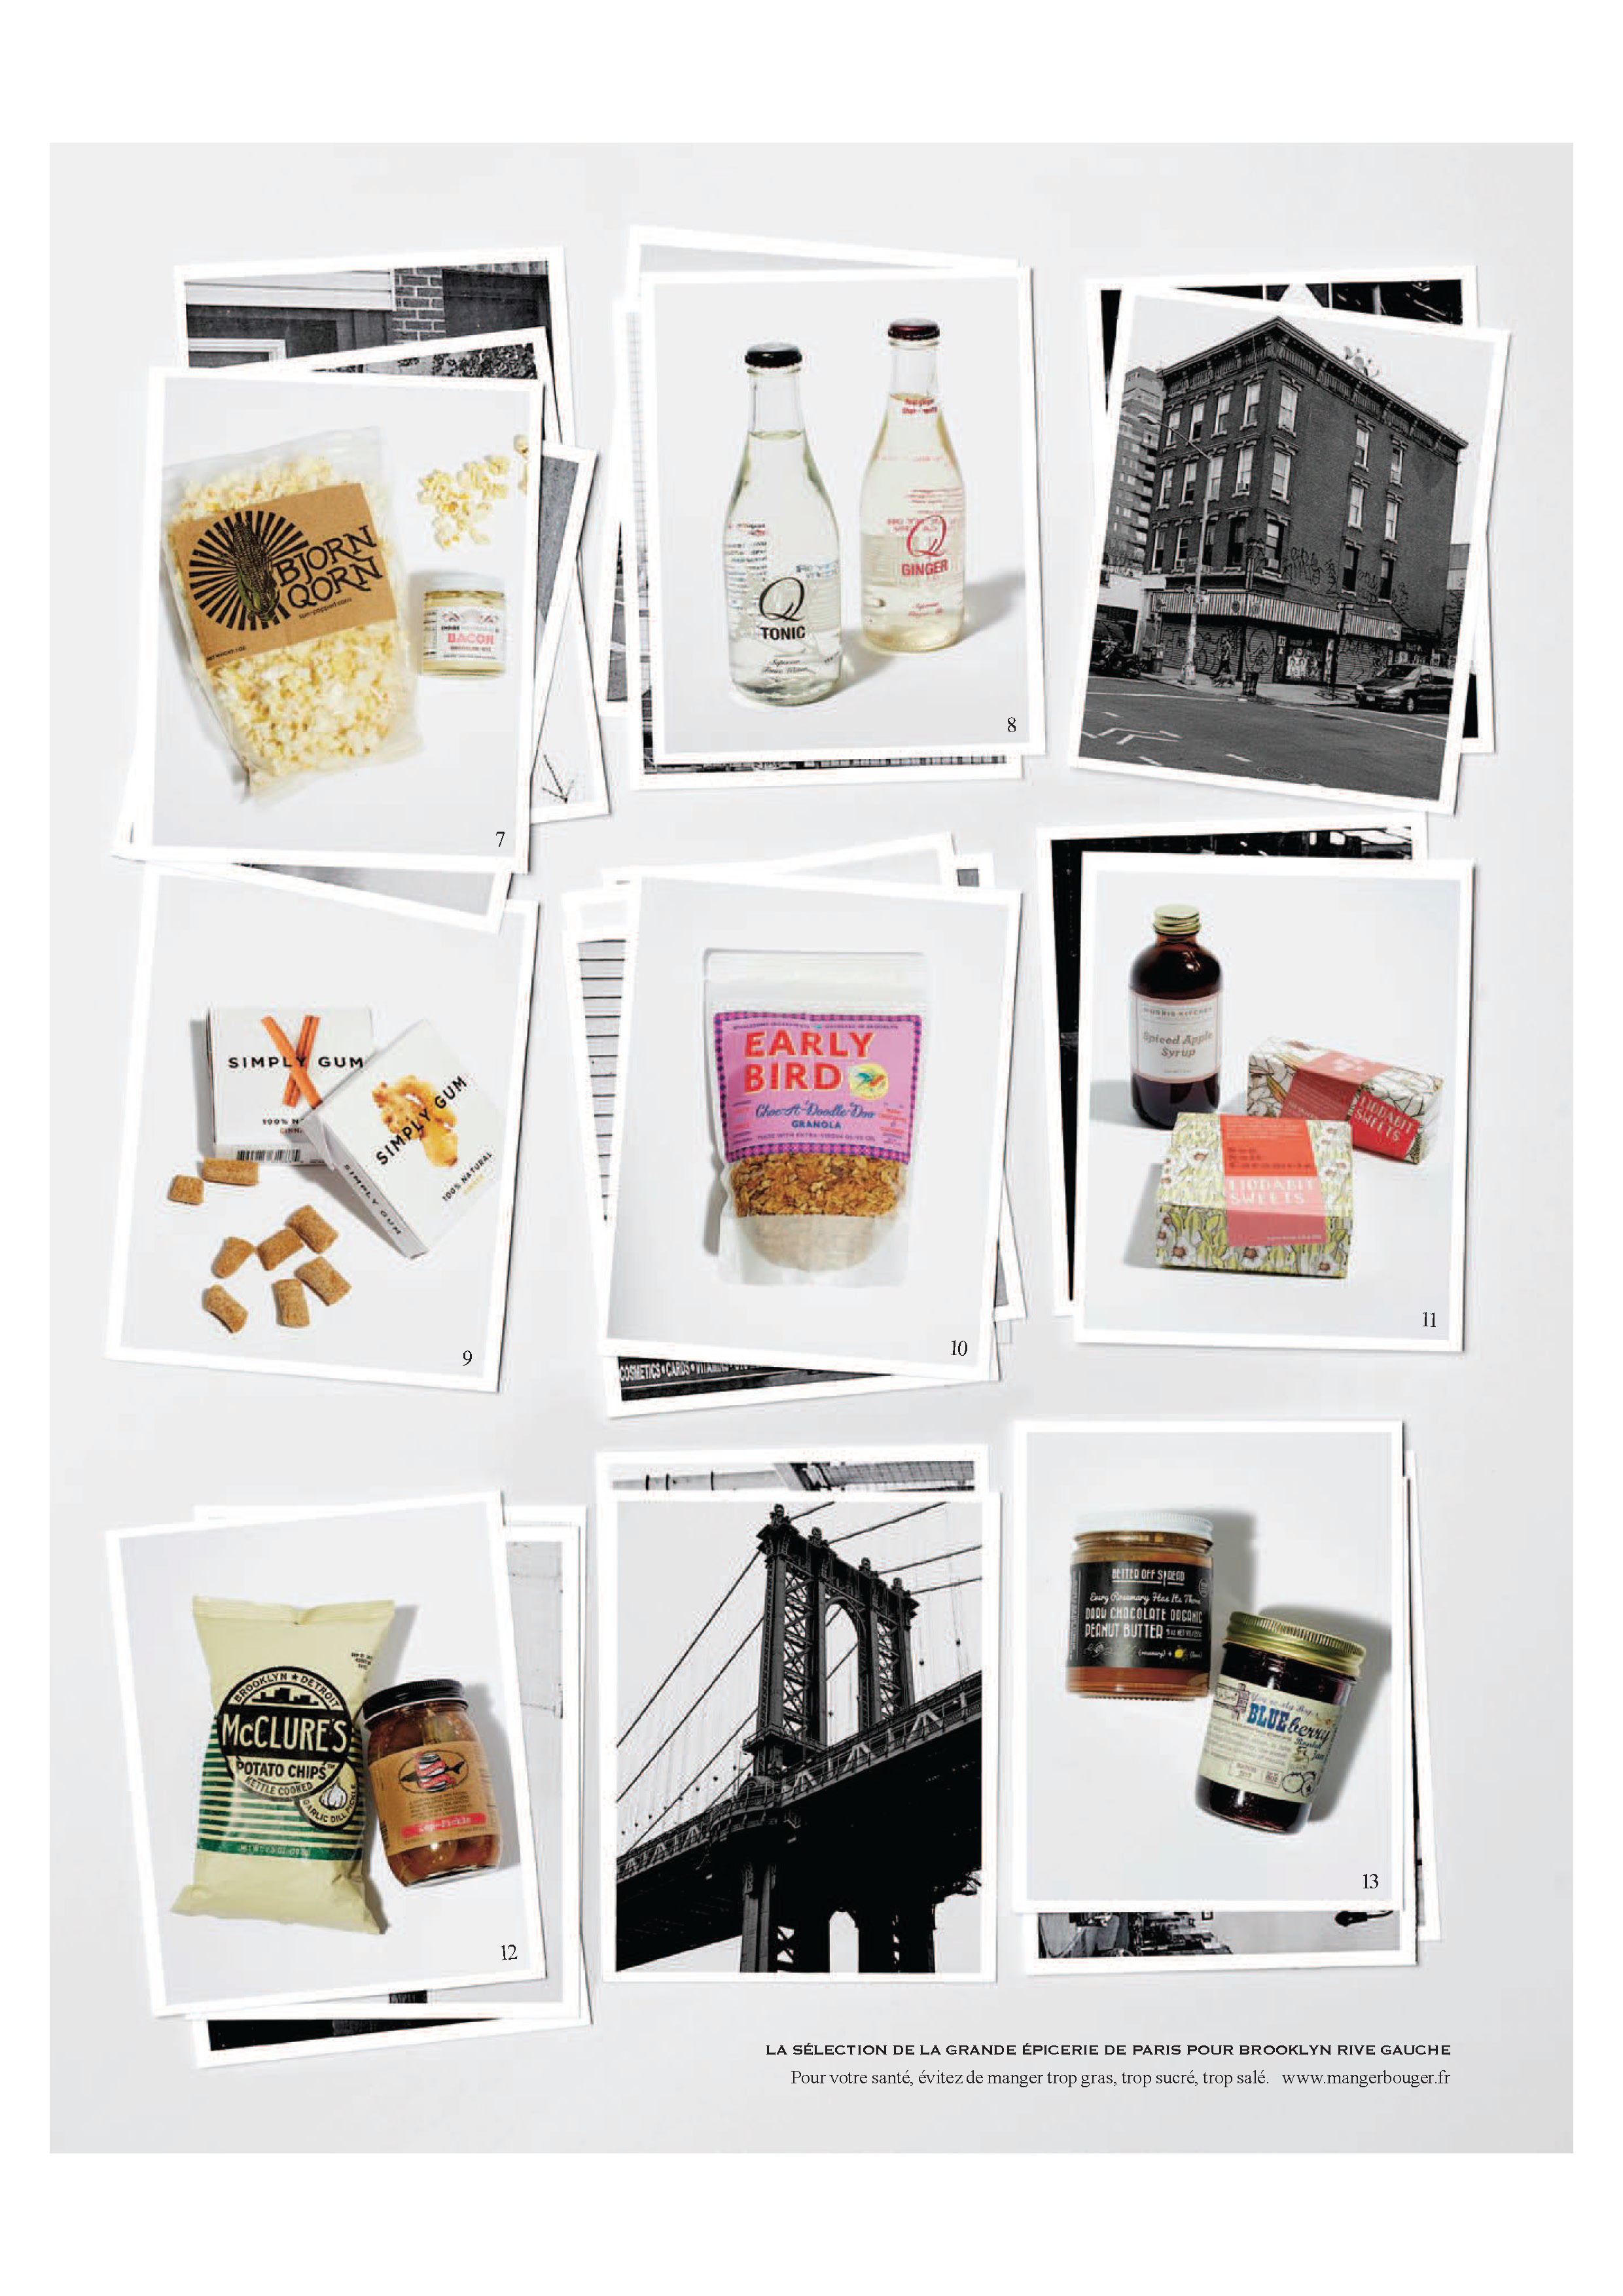 bm-esprit-brooklyn-2-ah15_Page_017.jpg